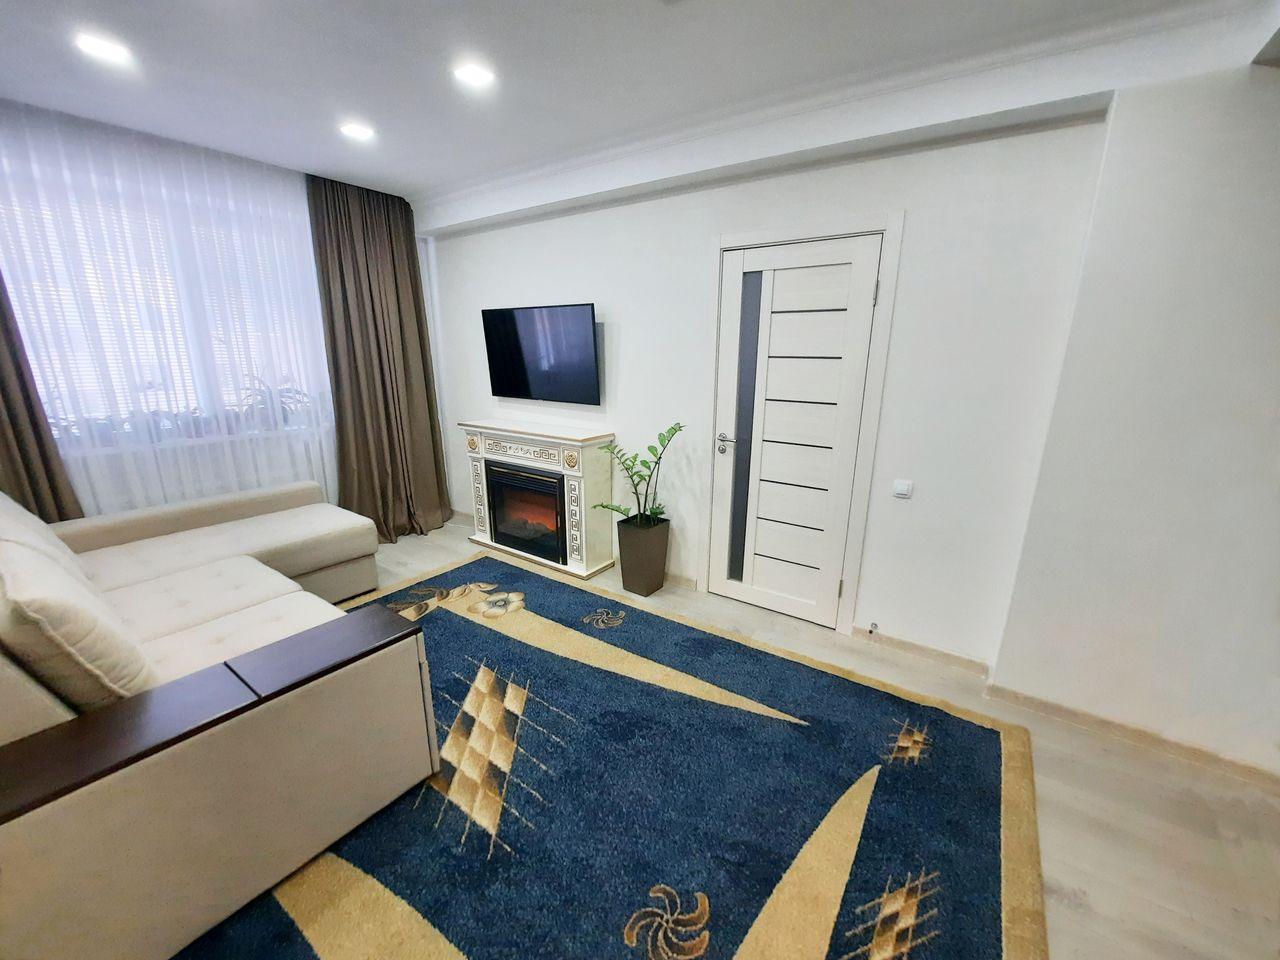 Apartament 3 camere,suprafață utilă generoasă